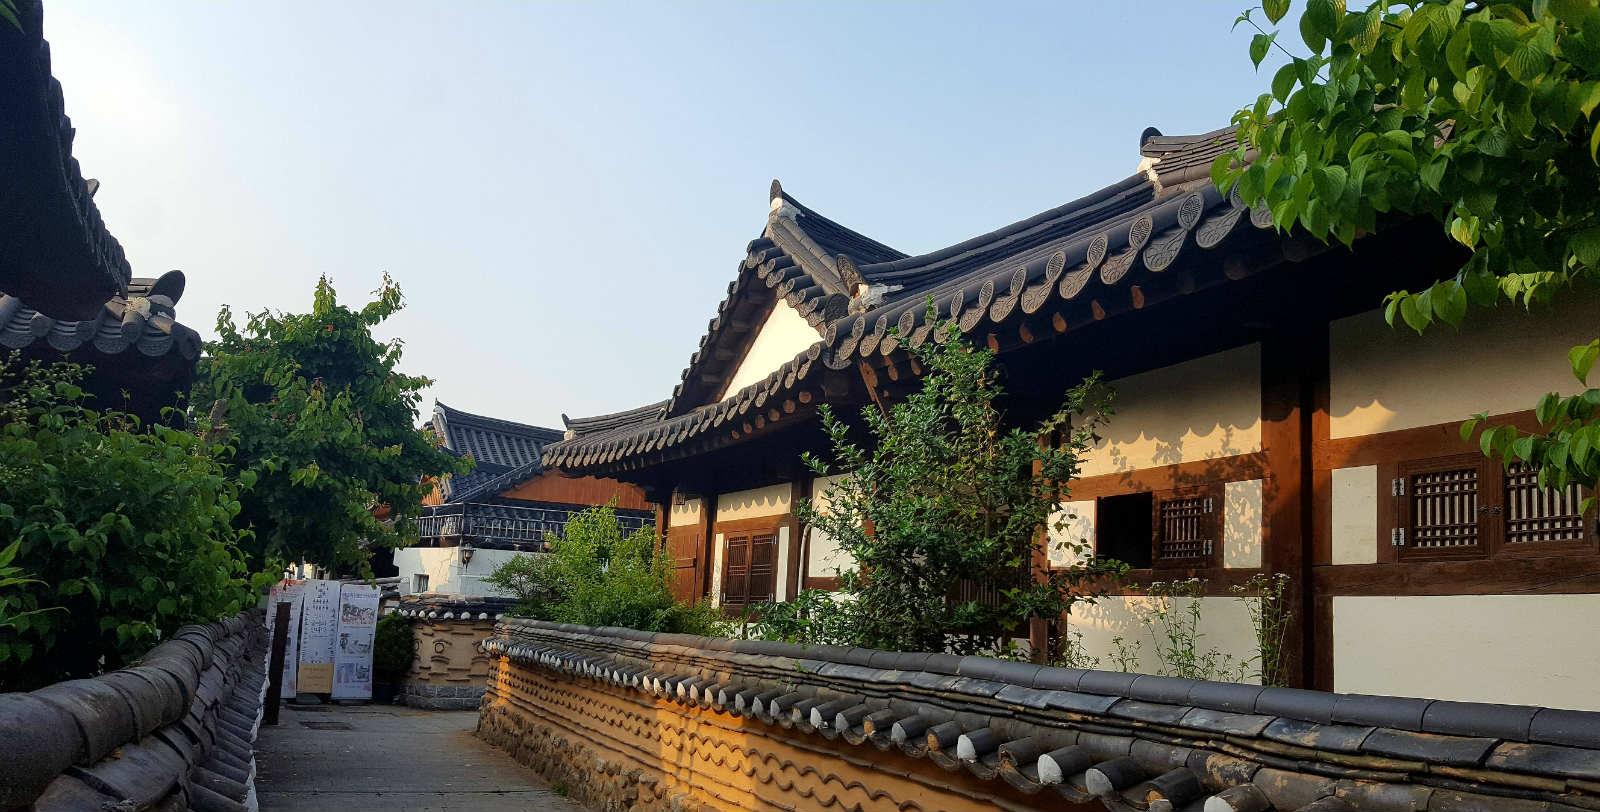 韓國觀光百選指韓國人推薦必去的100個優秀觀光勝地!2年一次,由指定觀光宣傳企業選定。這次是第4次觀光百選,按照地區分別為:首都地區26個,江原地區13個,忠清地區10個,全罗地區14個,慶尚地區28個,濟州地區9個。